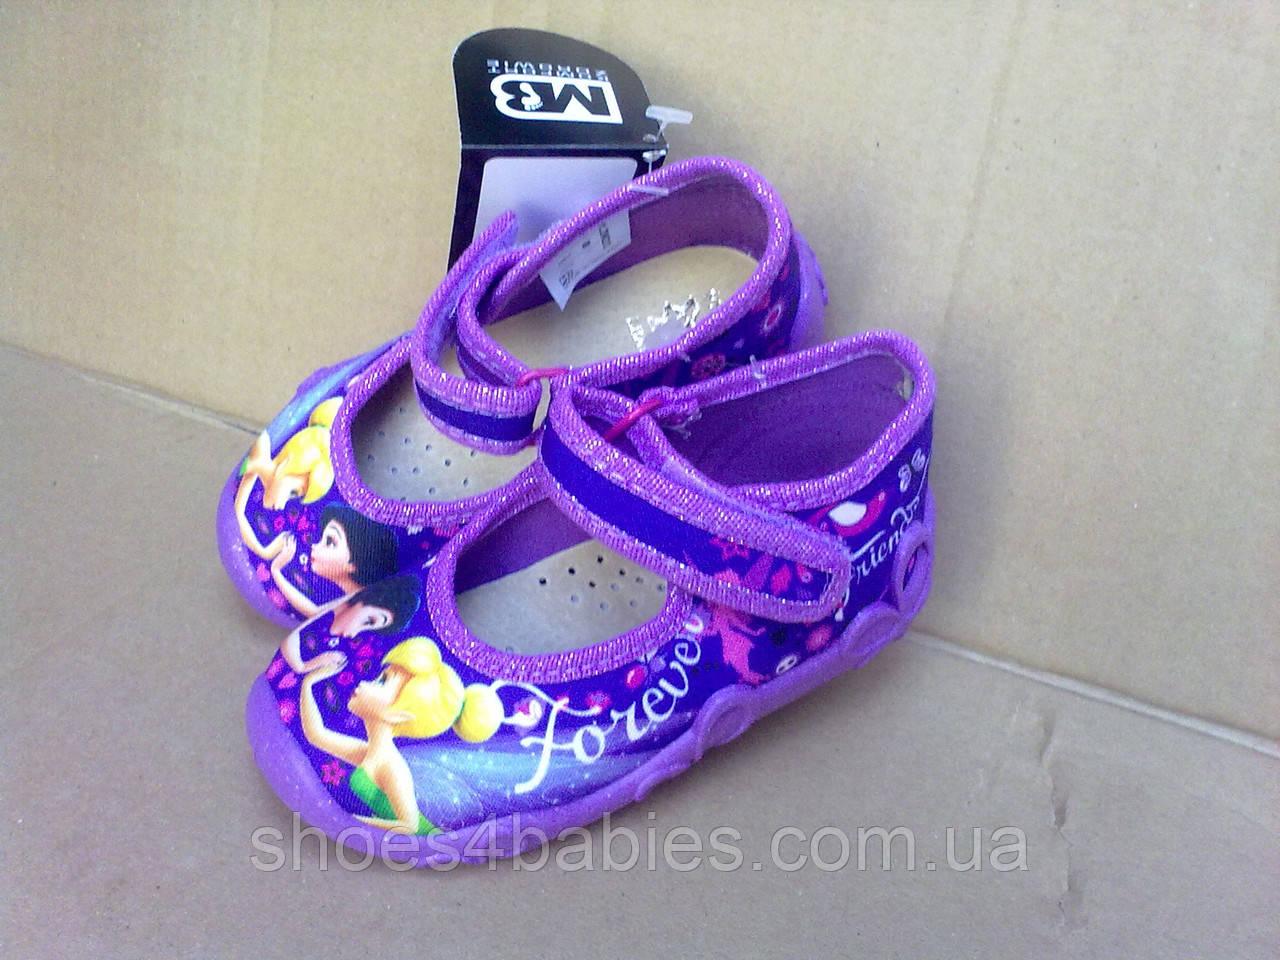 Детские тапочки для девочки MB Польша р. 23, 24 (мокасины, туфли, текстильная обувь)